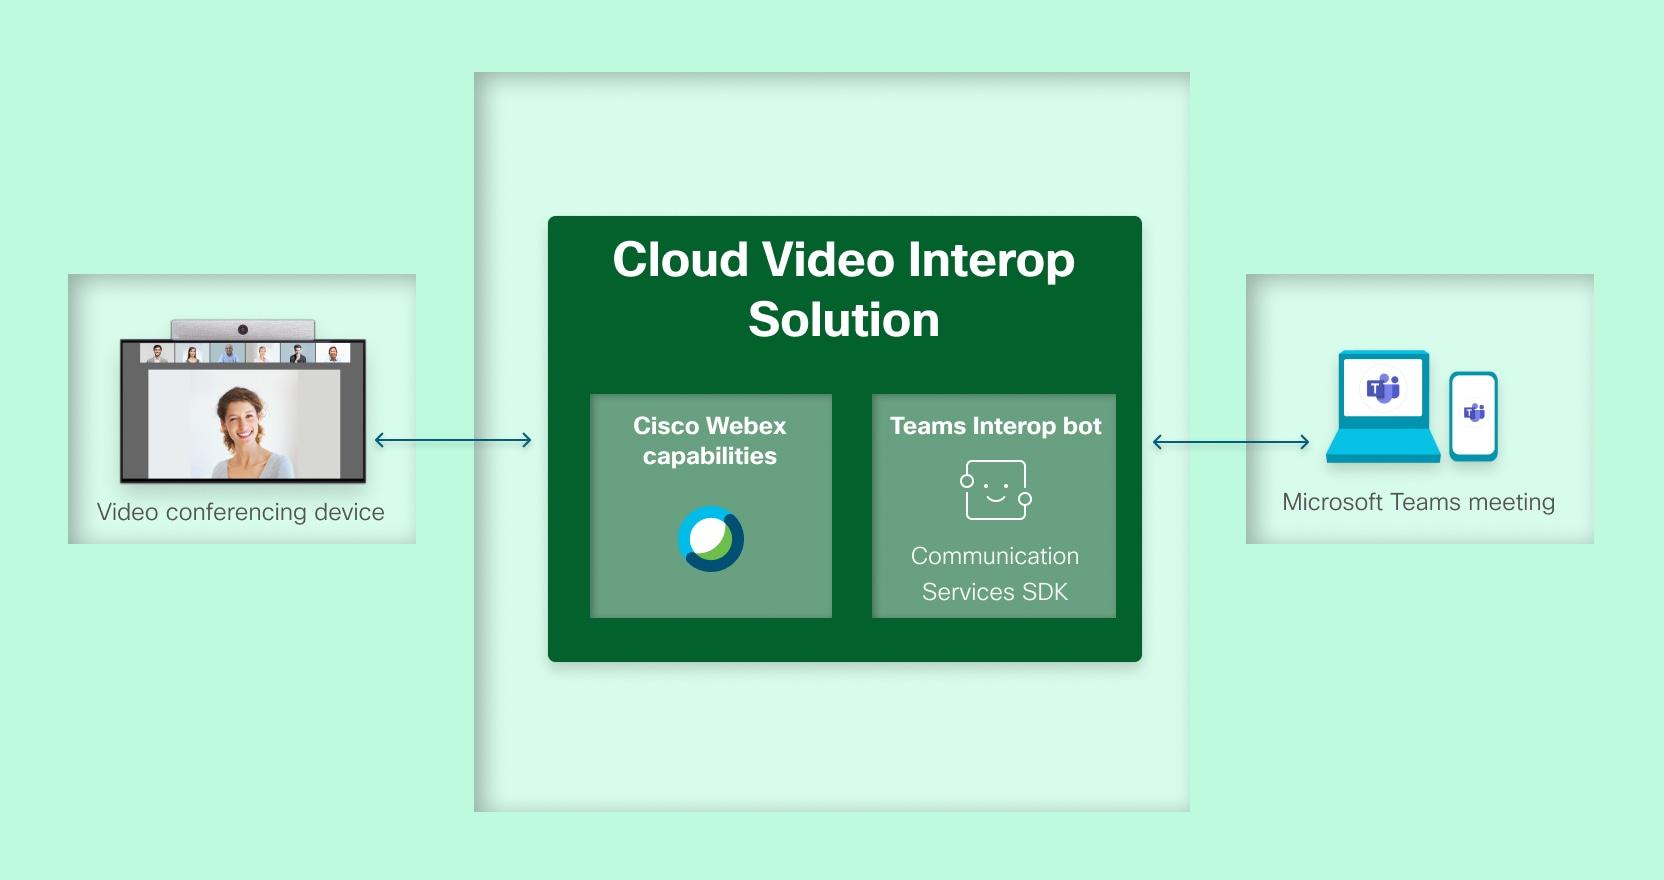 Obrázek architektury CVI založený na https://docs.microsoft.com/en-us/microsoftteams/cloud-video-interop